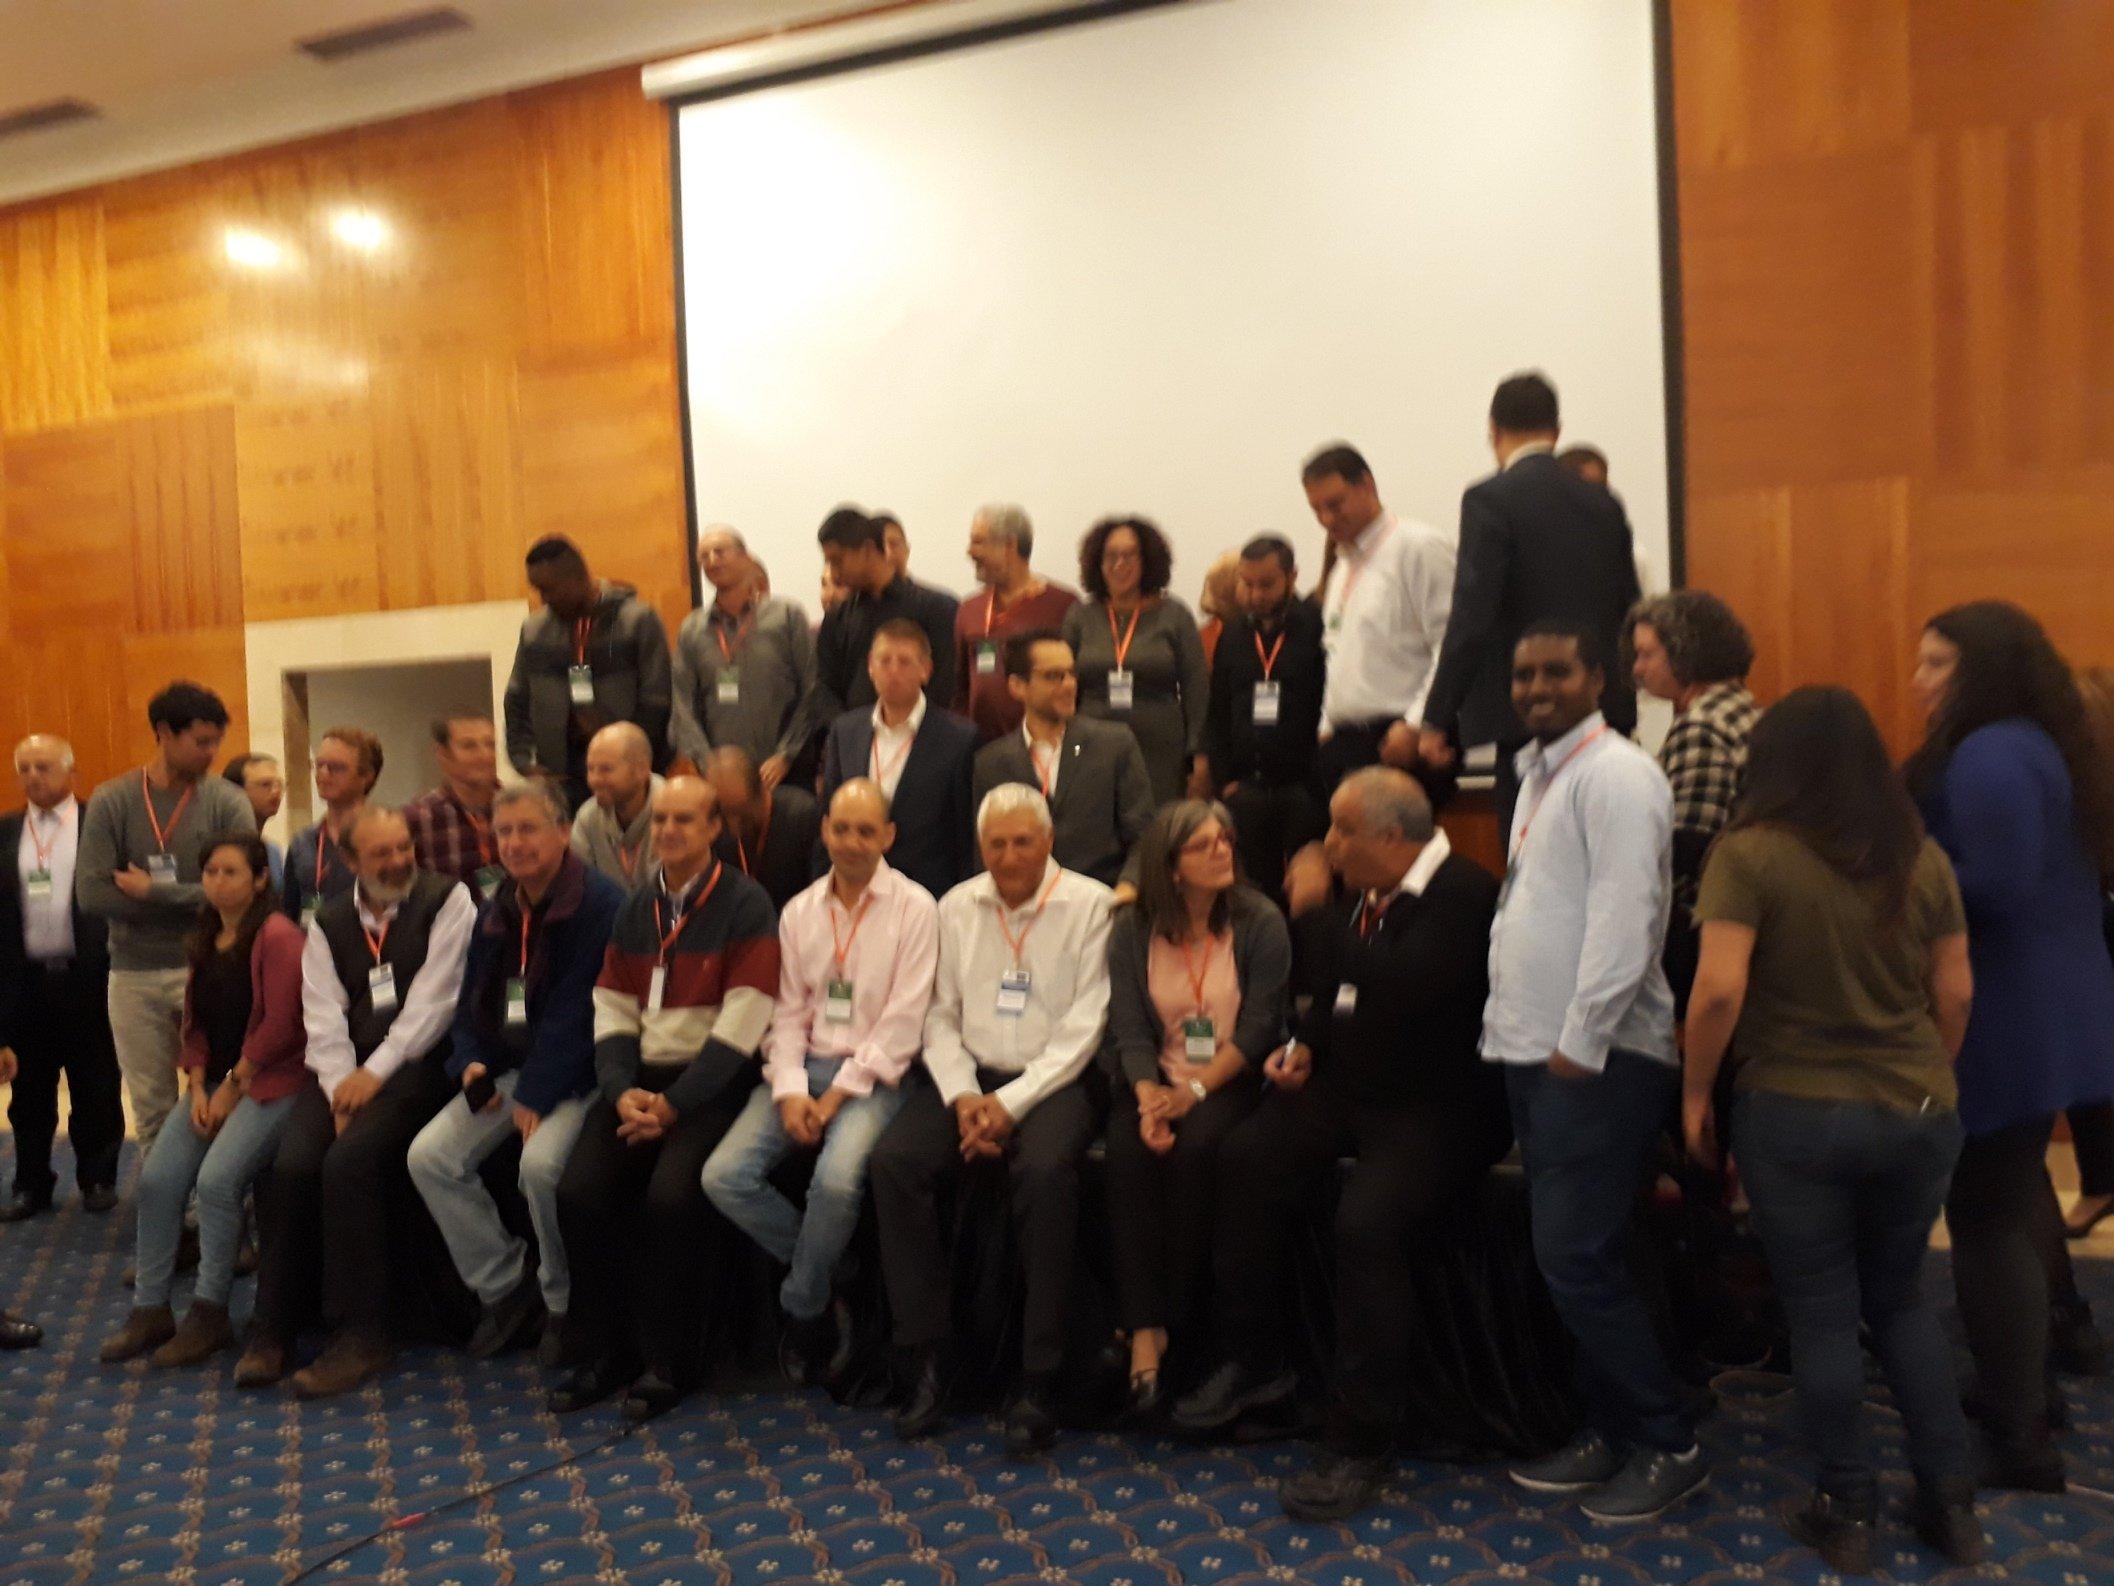 صباح: لقاءات عالمية بمبادرة جمعية الجليل-0